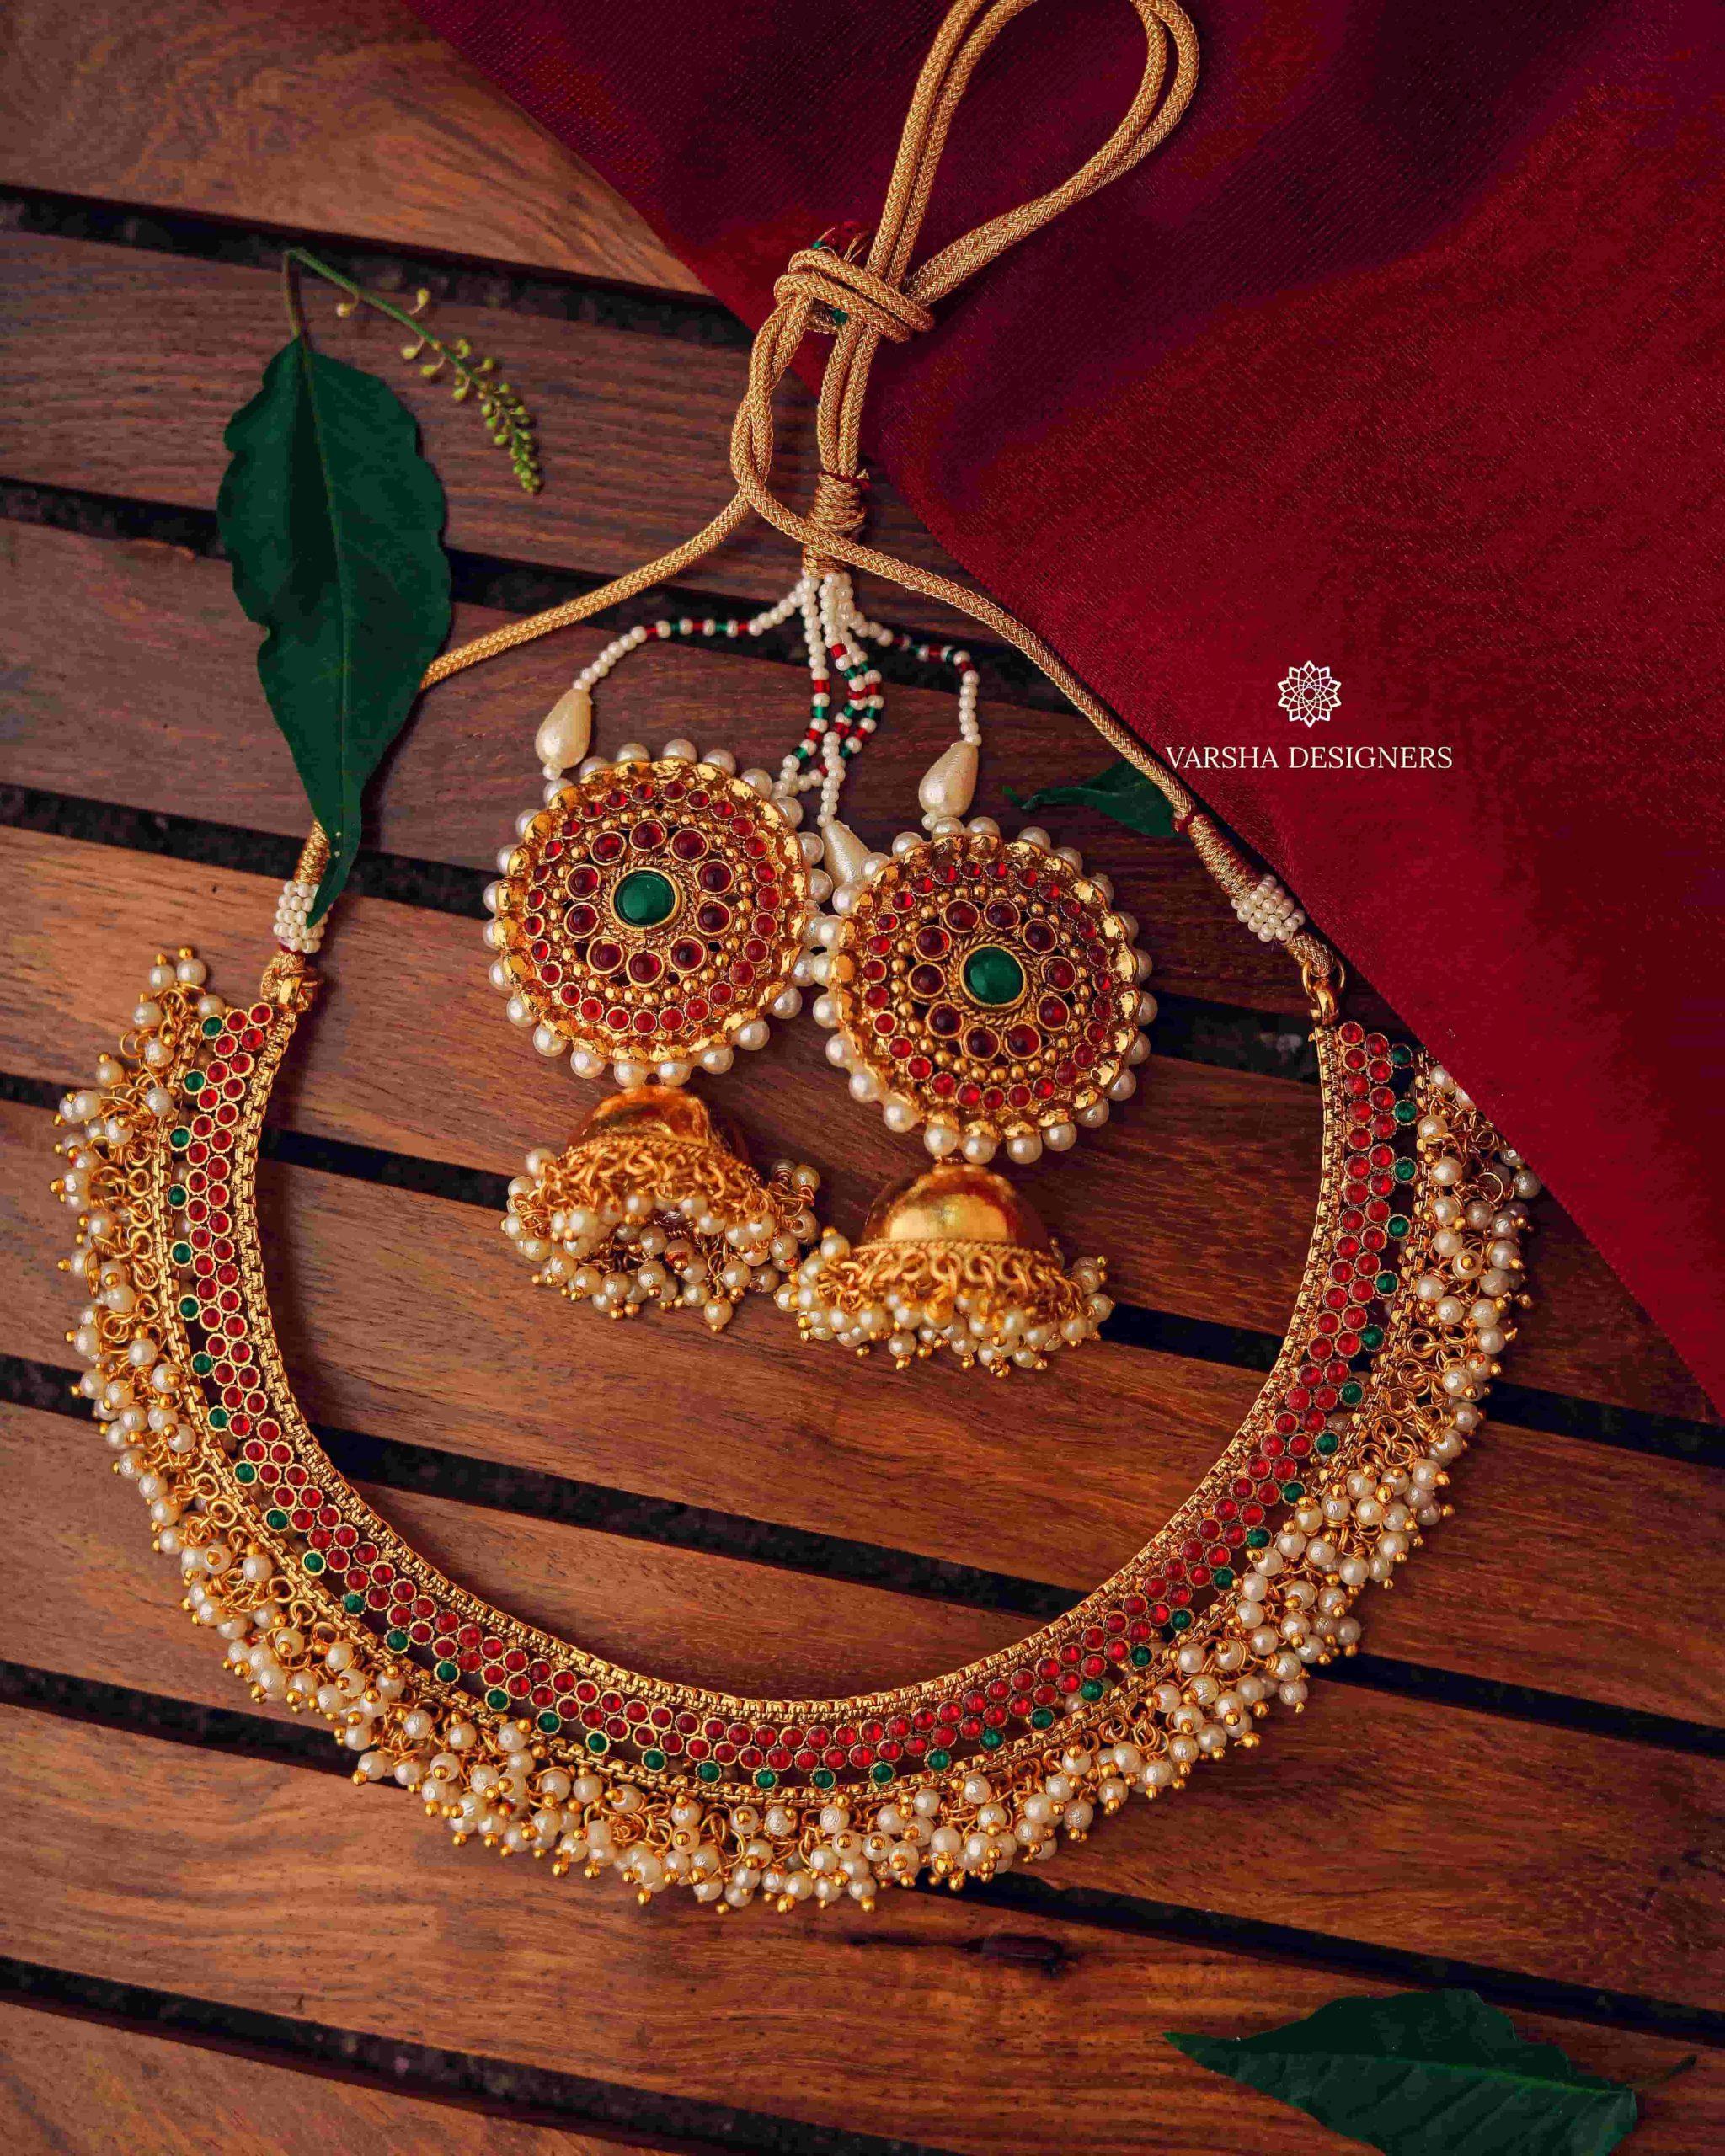 Designer-Cluster-Pearl-Necklace-01-scaled